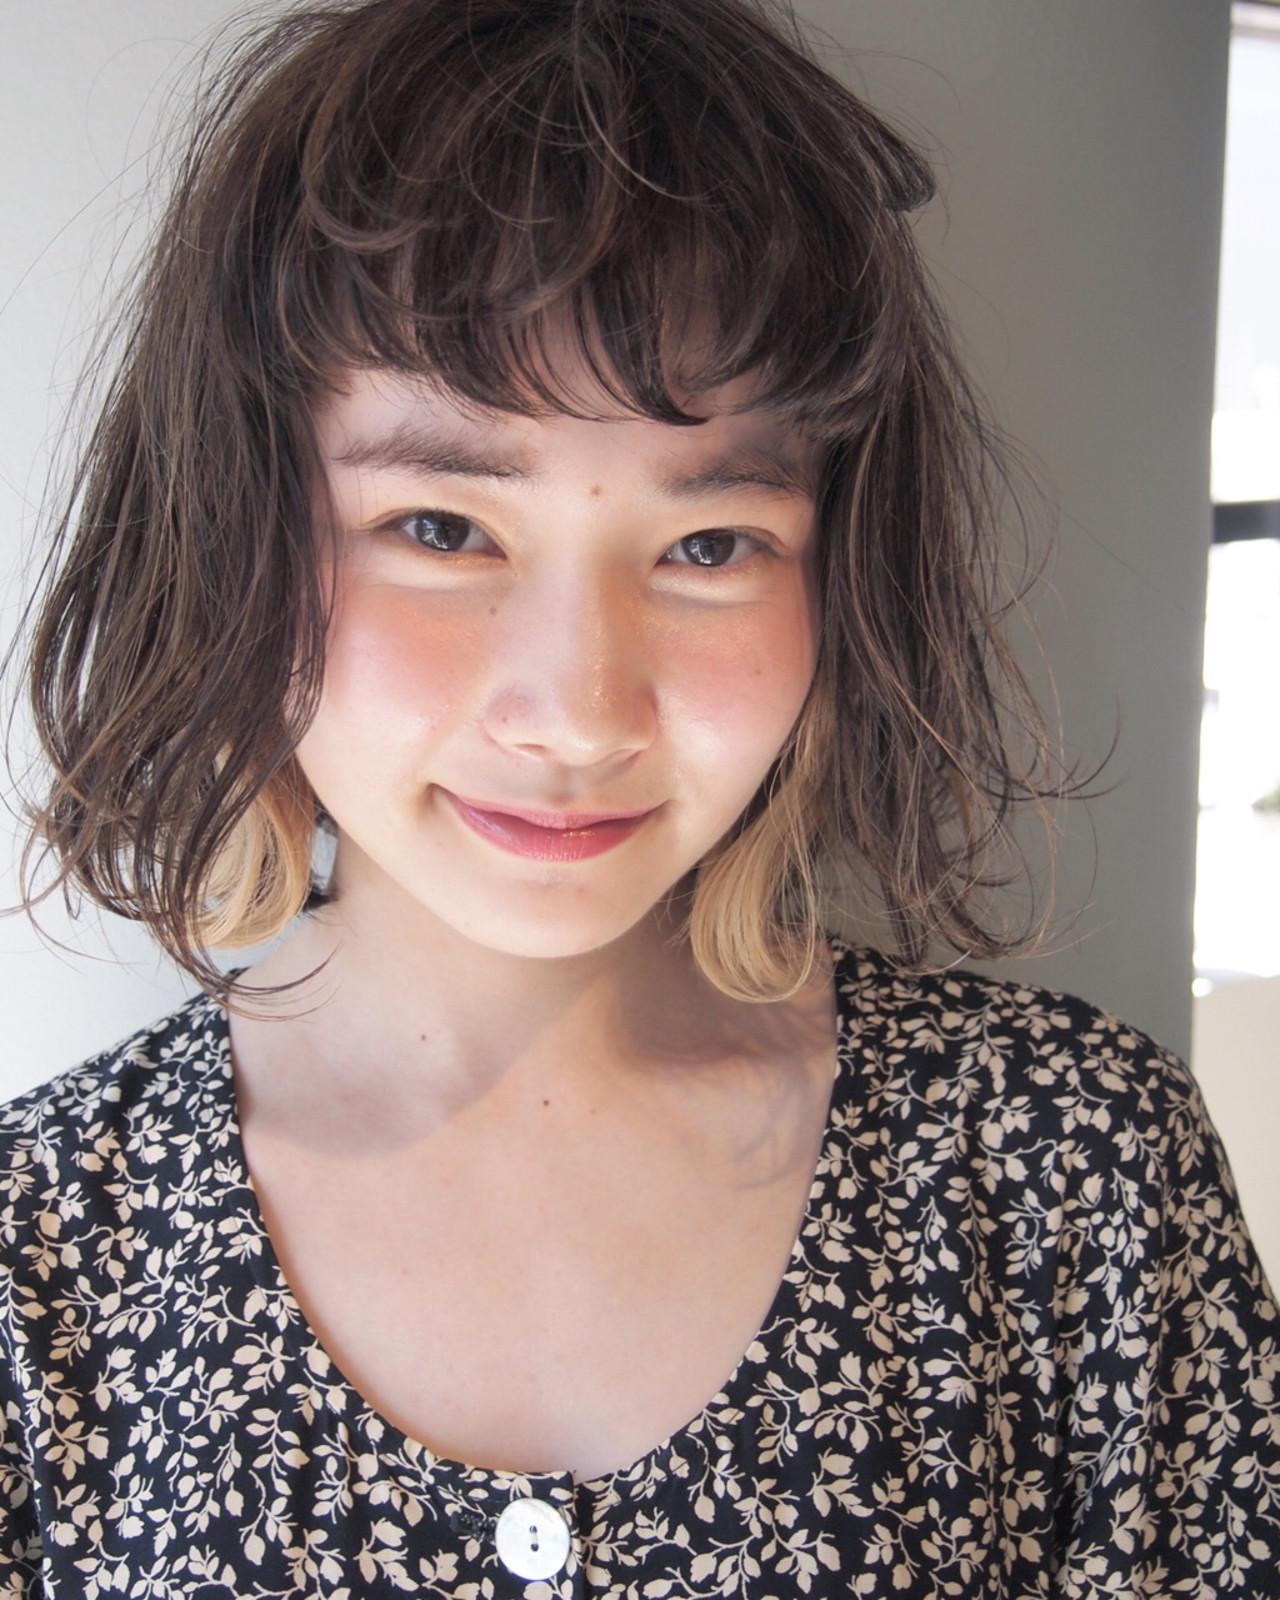 《2020年注目髪型》くせ毛で楽しむ!ボブヘアカタログ特集♡の34枚目の画像